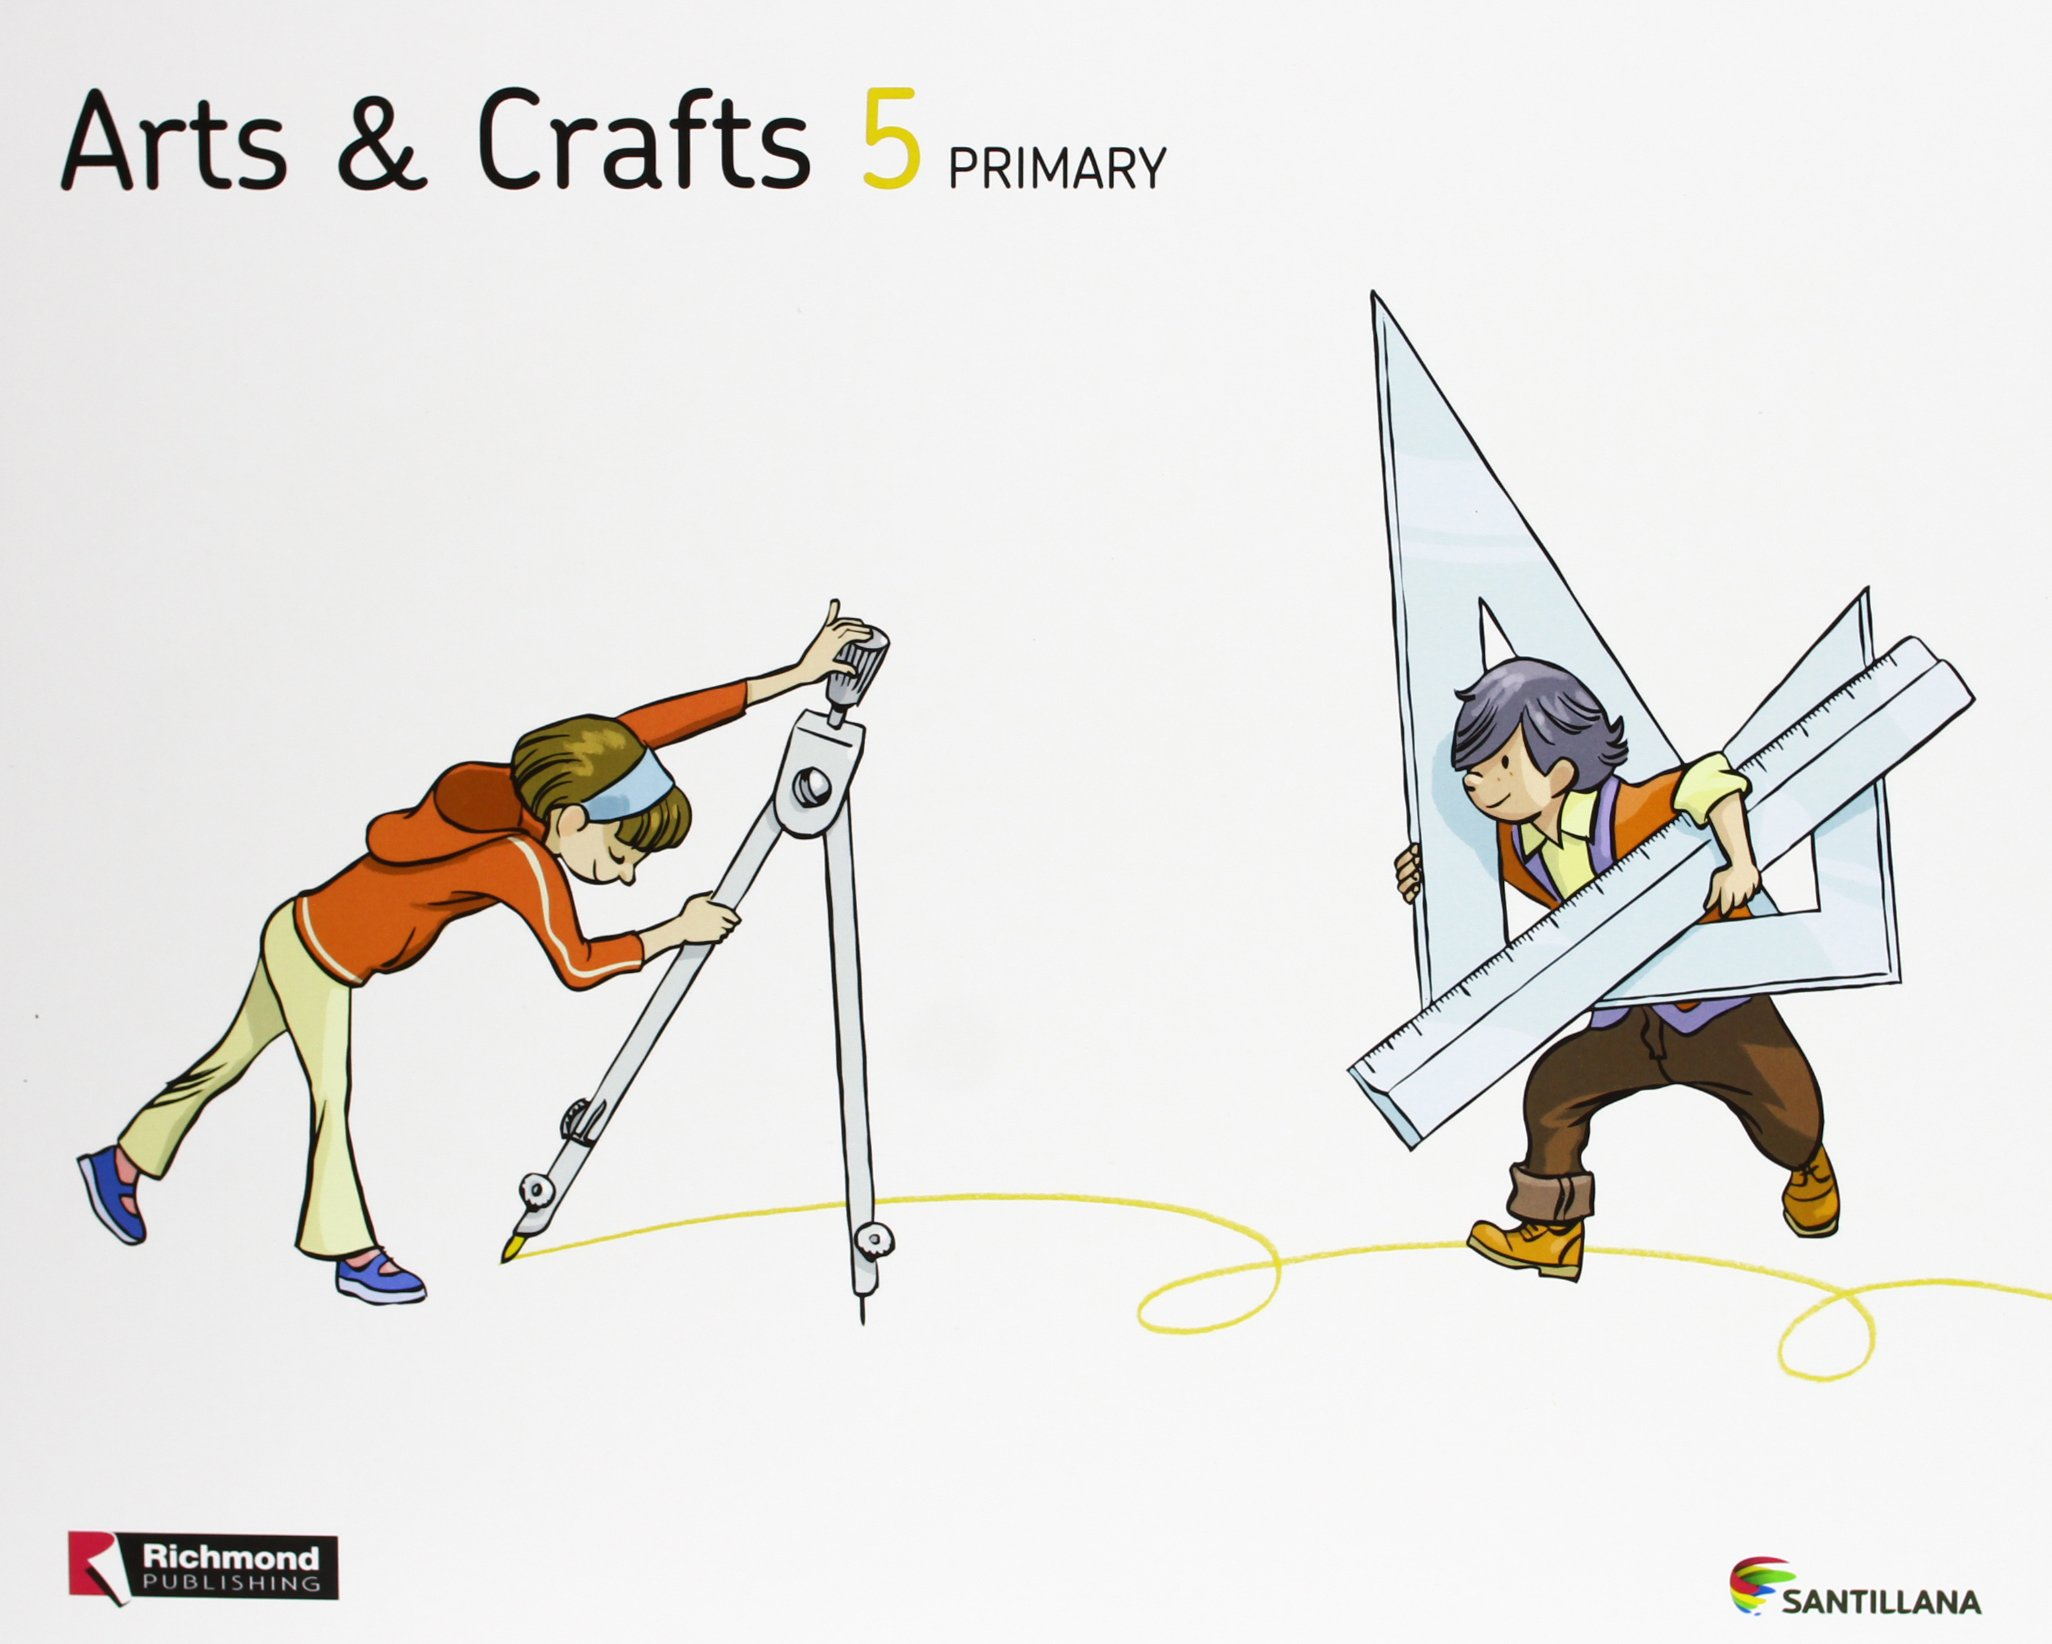 ARTS & CRAFTS 5 PRIMARY - 9788468017198: Amazon.es: Vv.Aa.: Libros en idiomas extranjeros